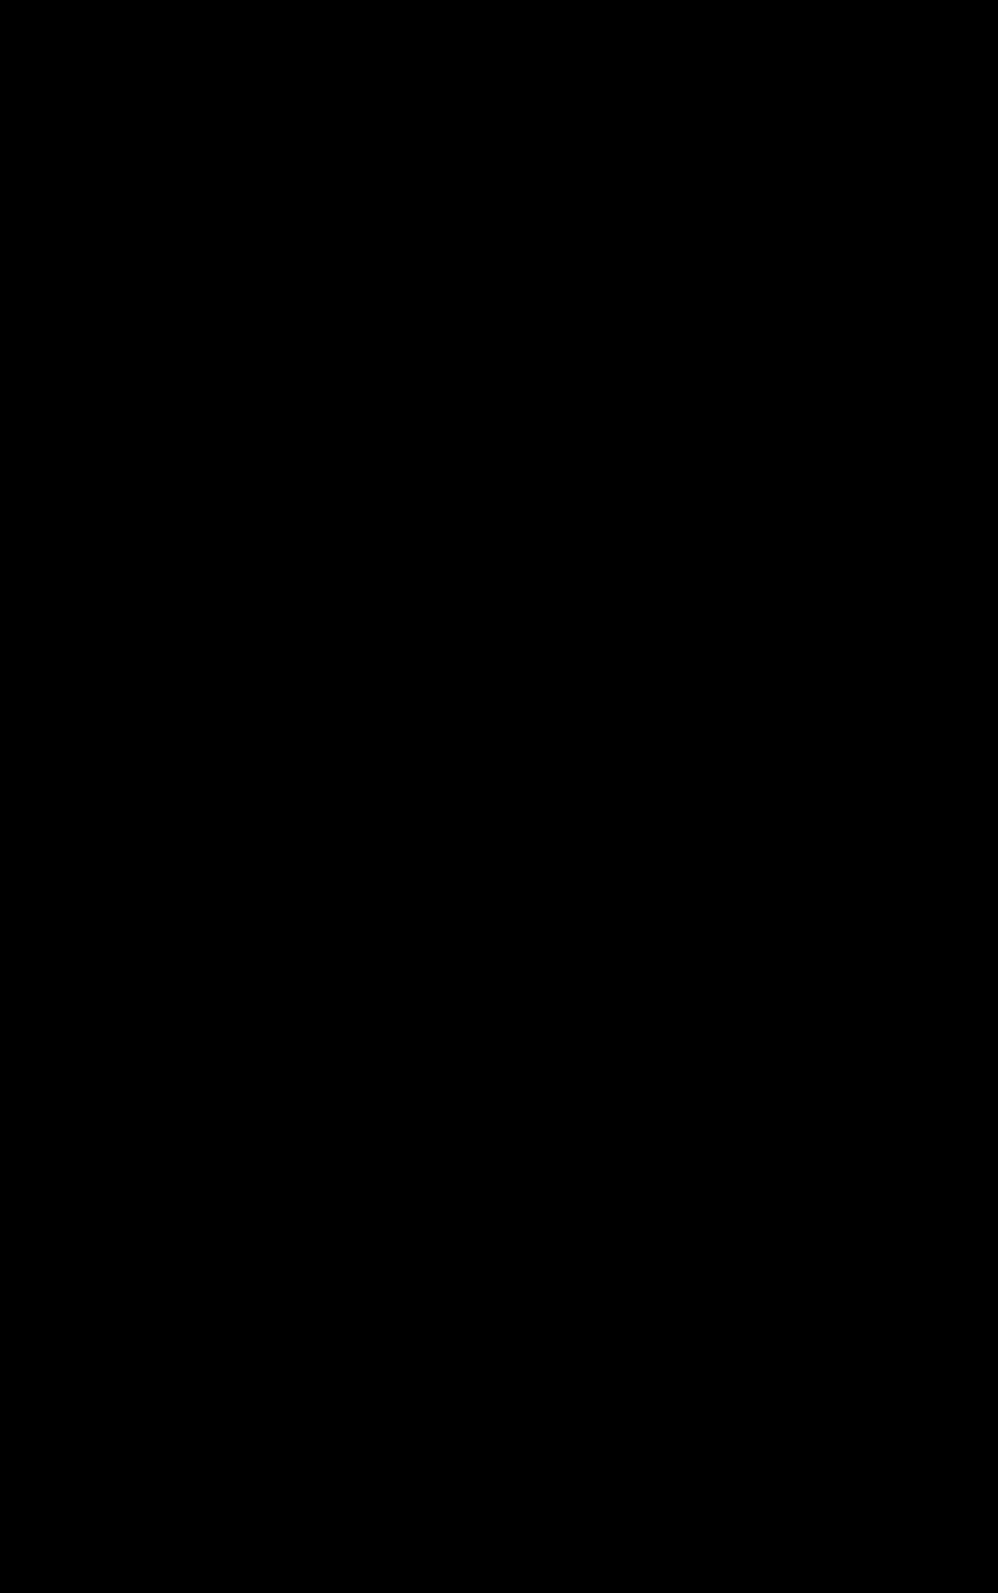 И мерин и евнух — сканворд - Poncy-ru